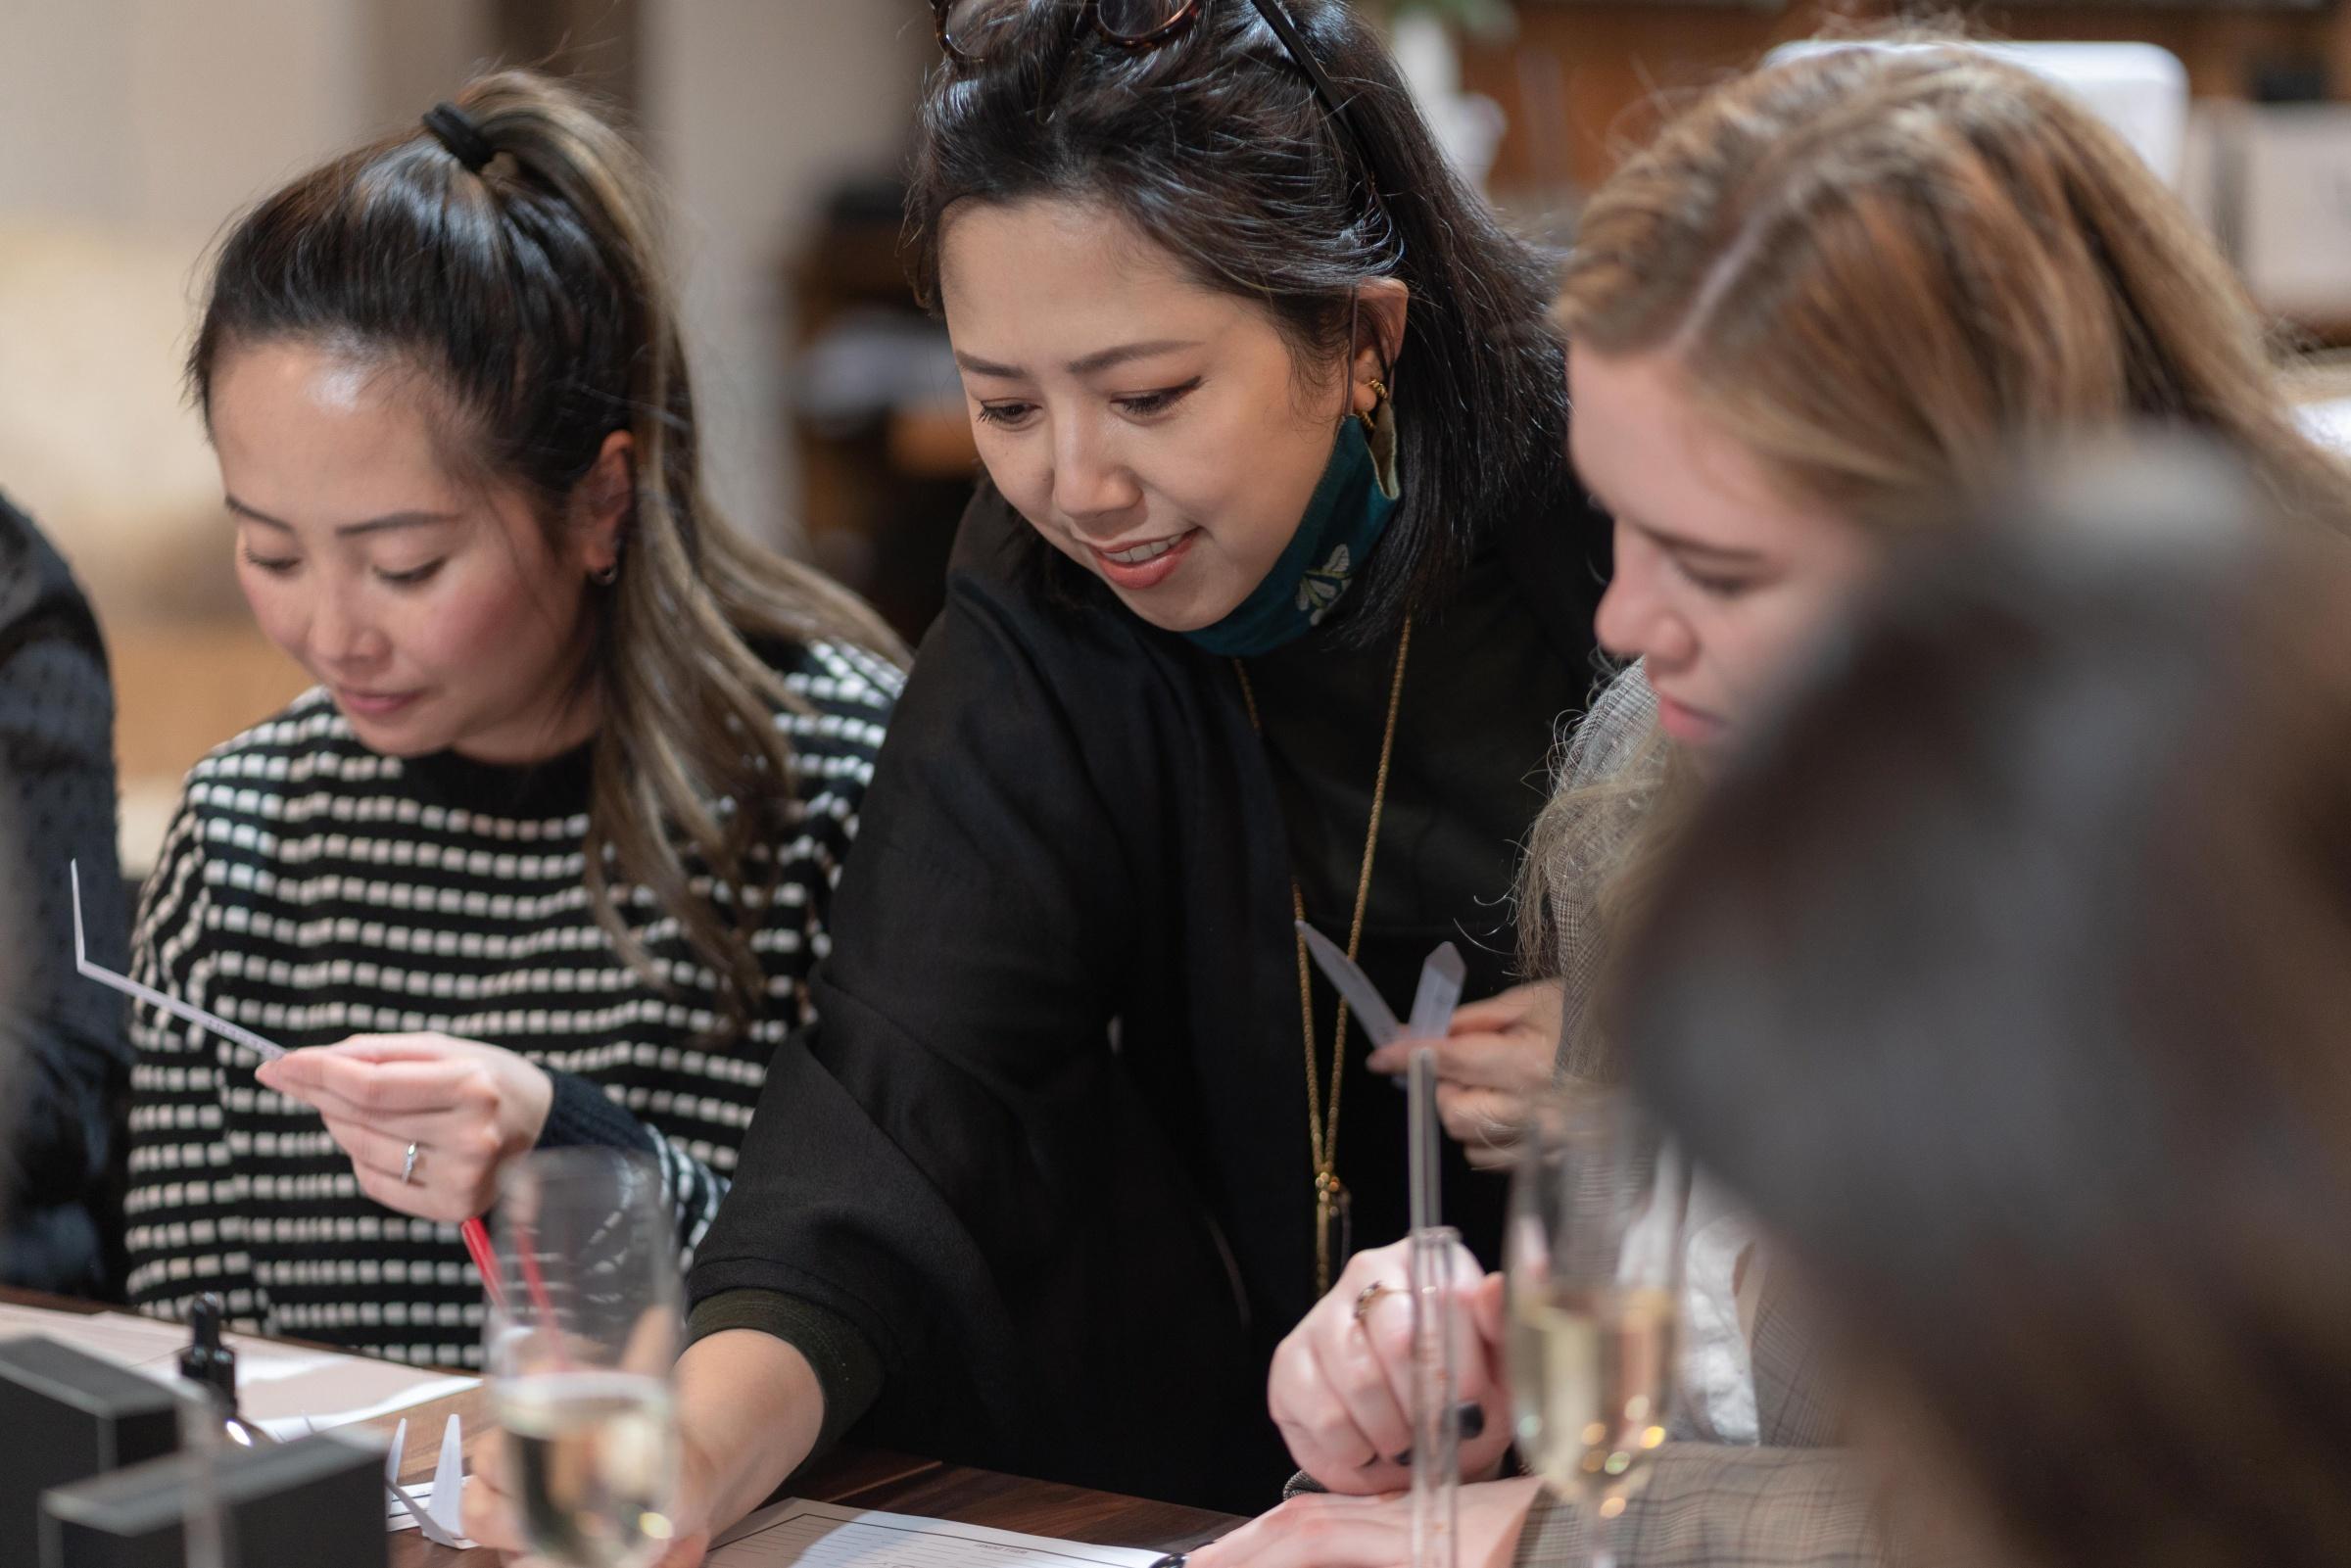 Chuyên gia sáng tạo mùi hương Huỳnh Hải Yến trong một buổi workshop hướng dẫn cách điều chế nước hoa cho Daily Mail Australia. Ảnh: Facebook nhân vật